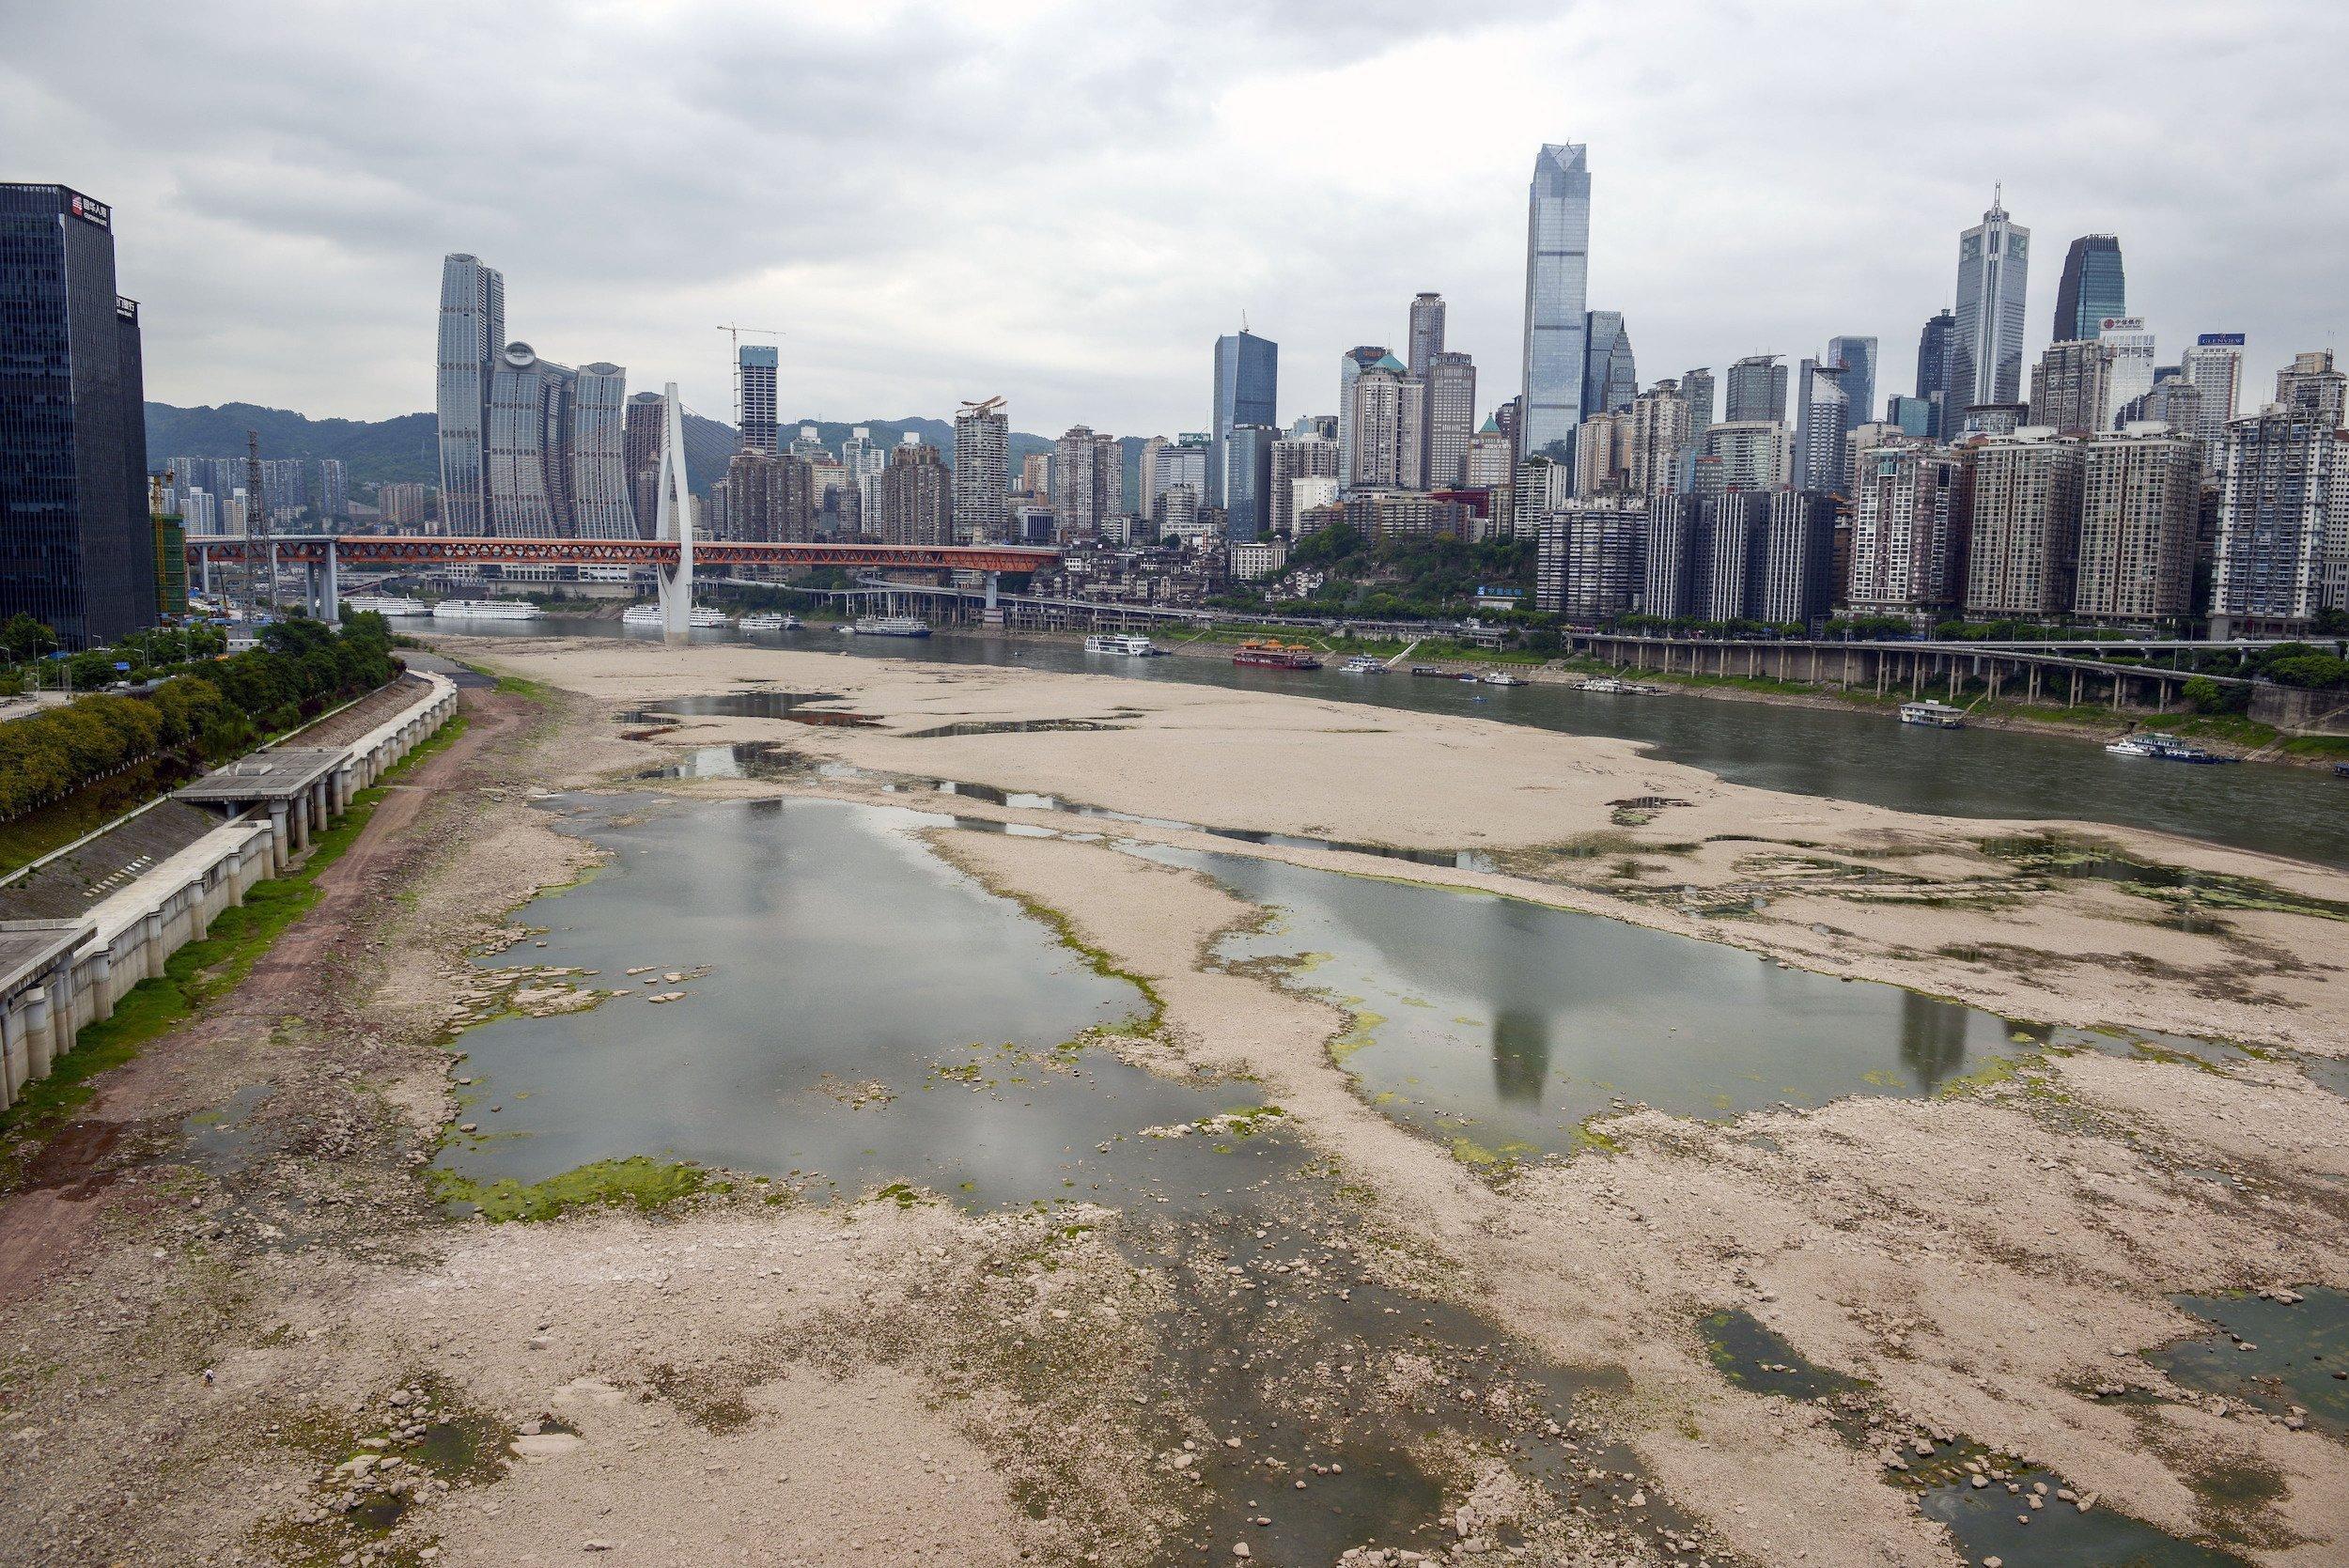 Zwischen den Hochhäusern fliesst statt eines mächtigen Flusses wegen Dürre nur ein Rinnsal.